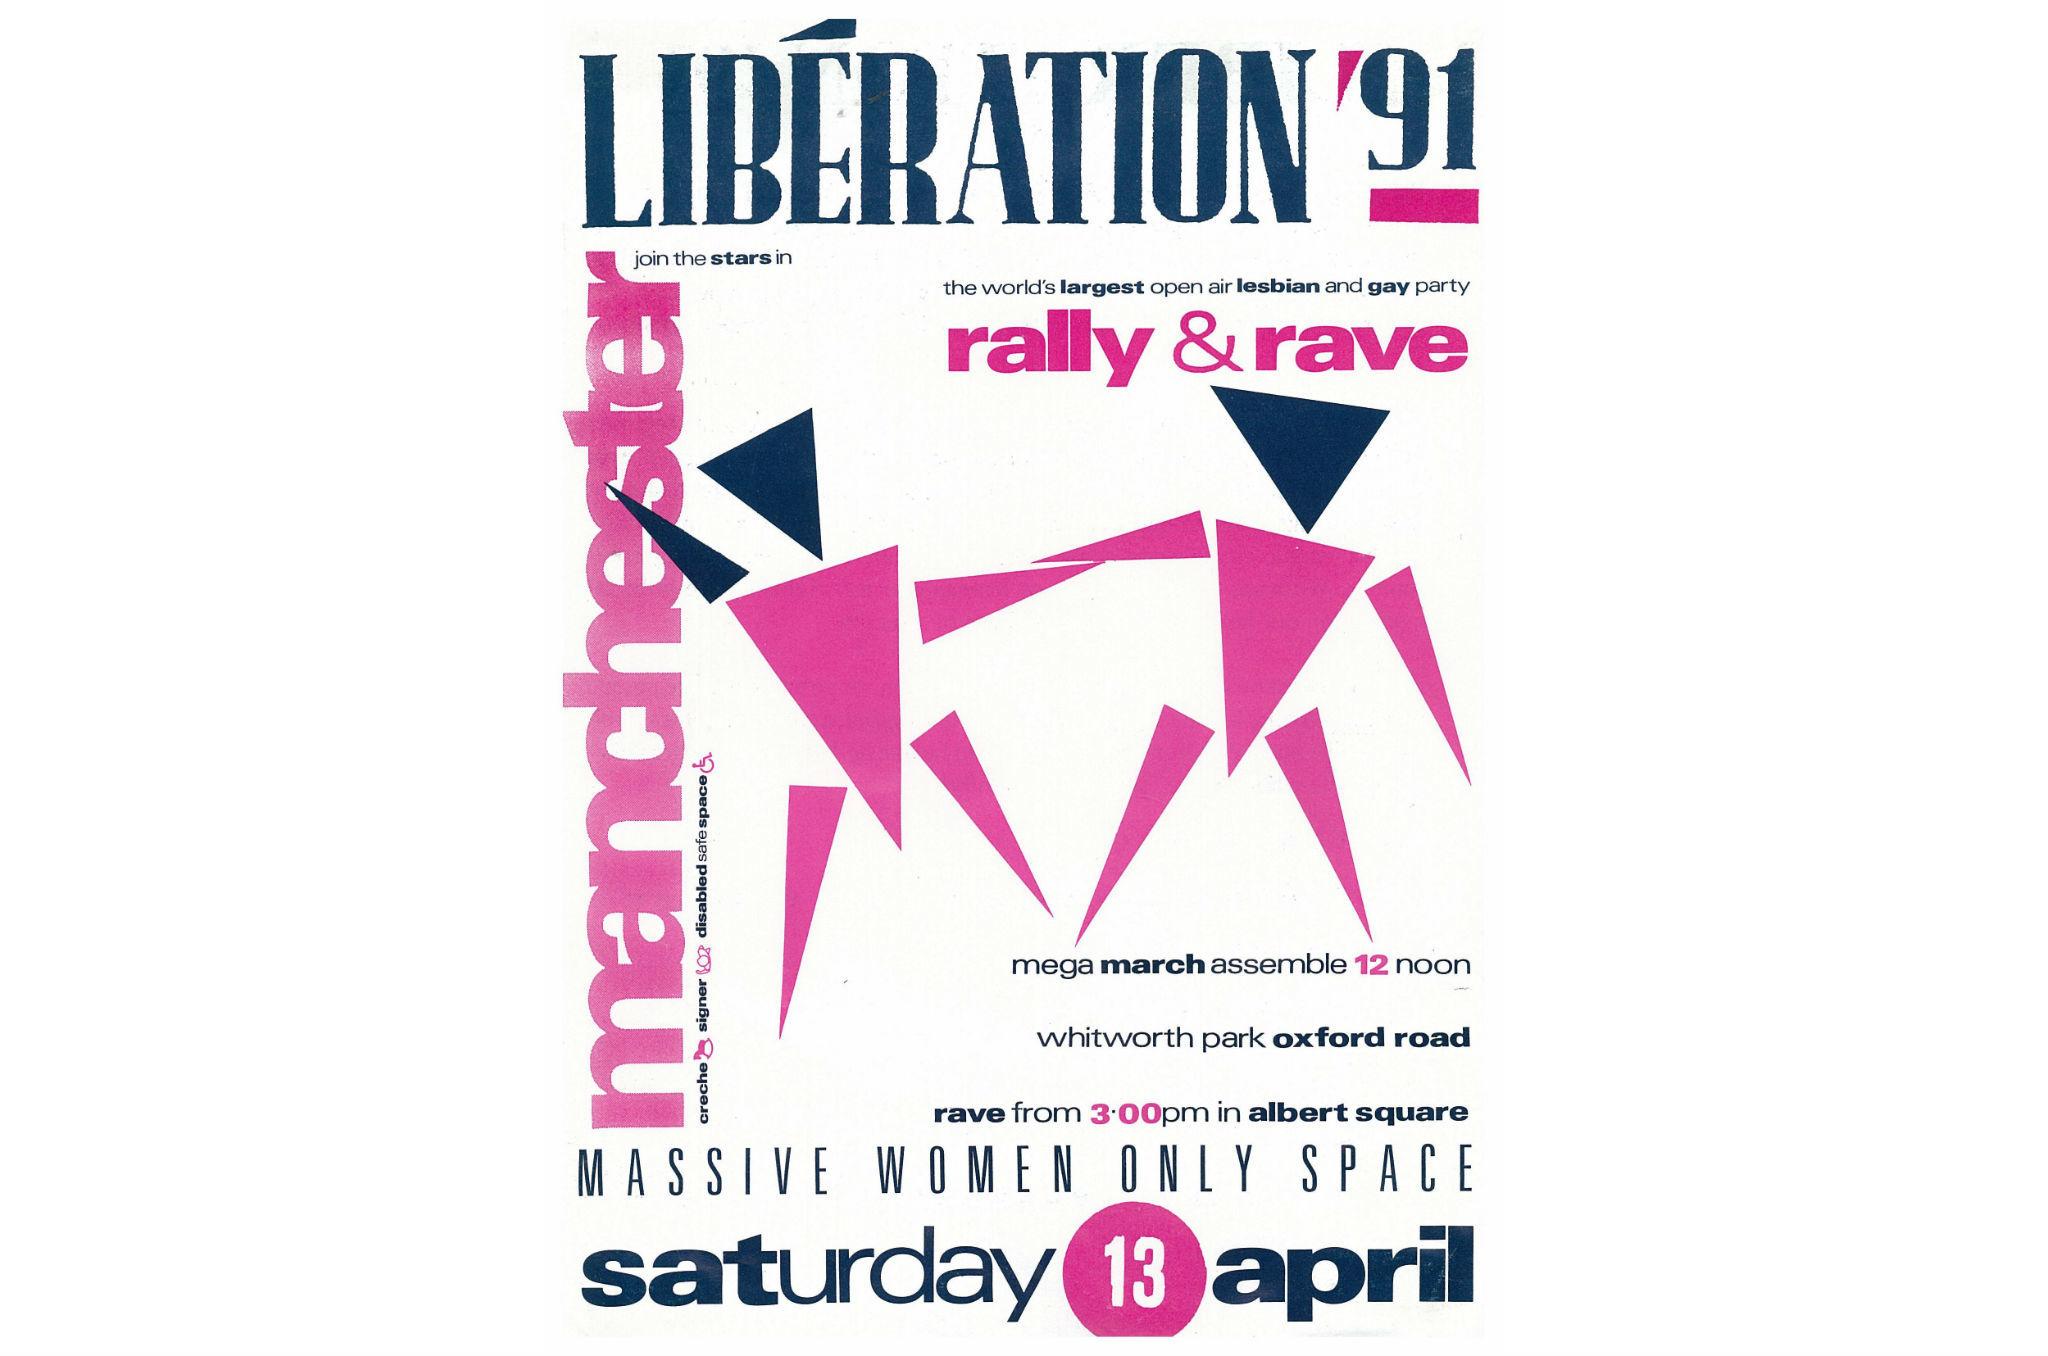 LGBT Liberation leaflet 1991